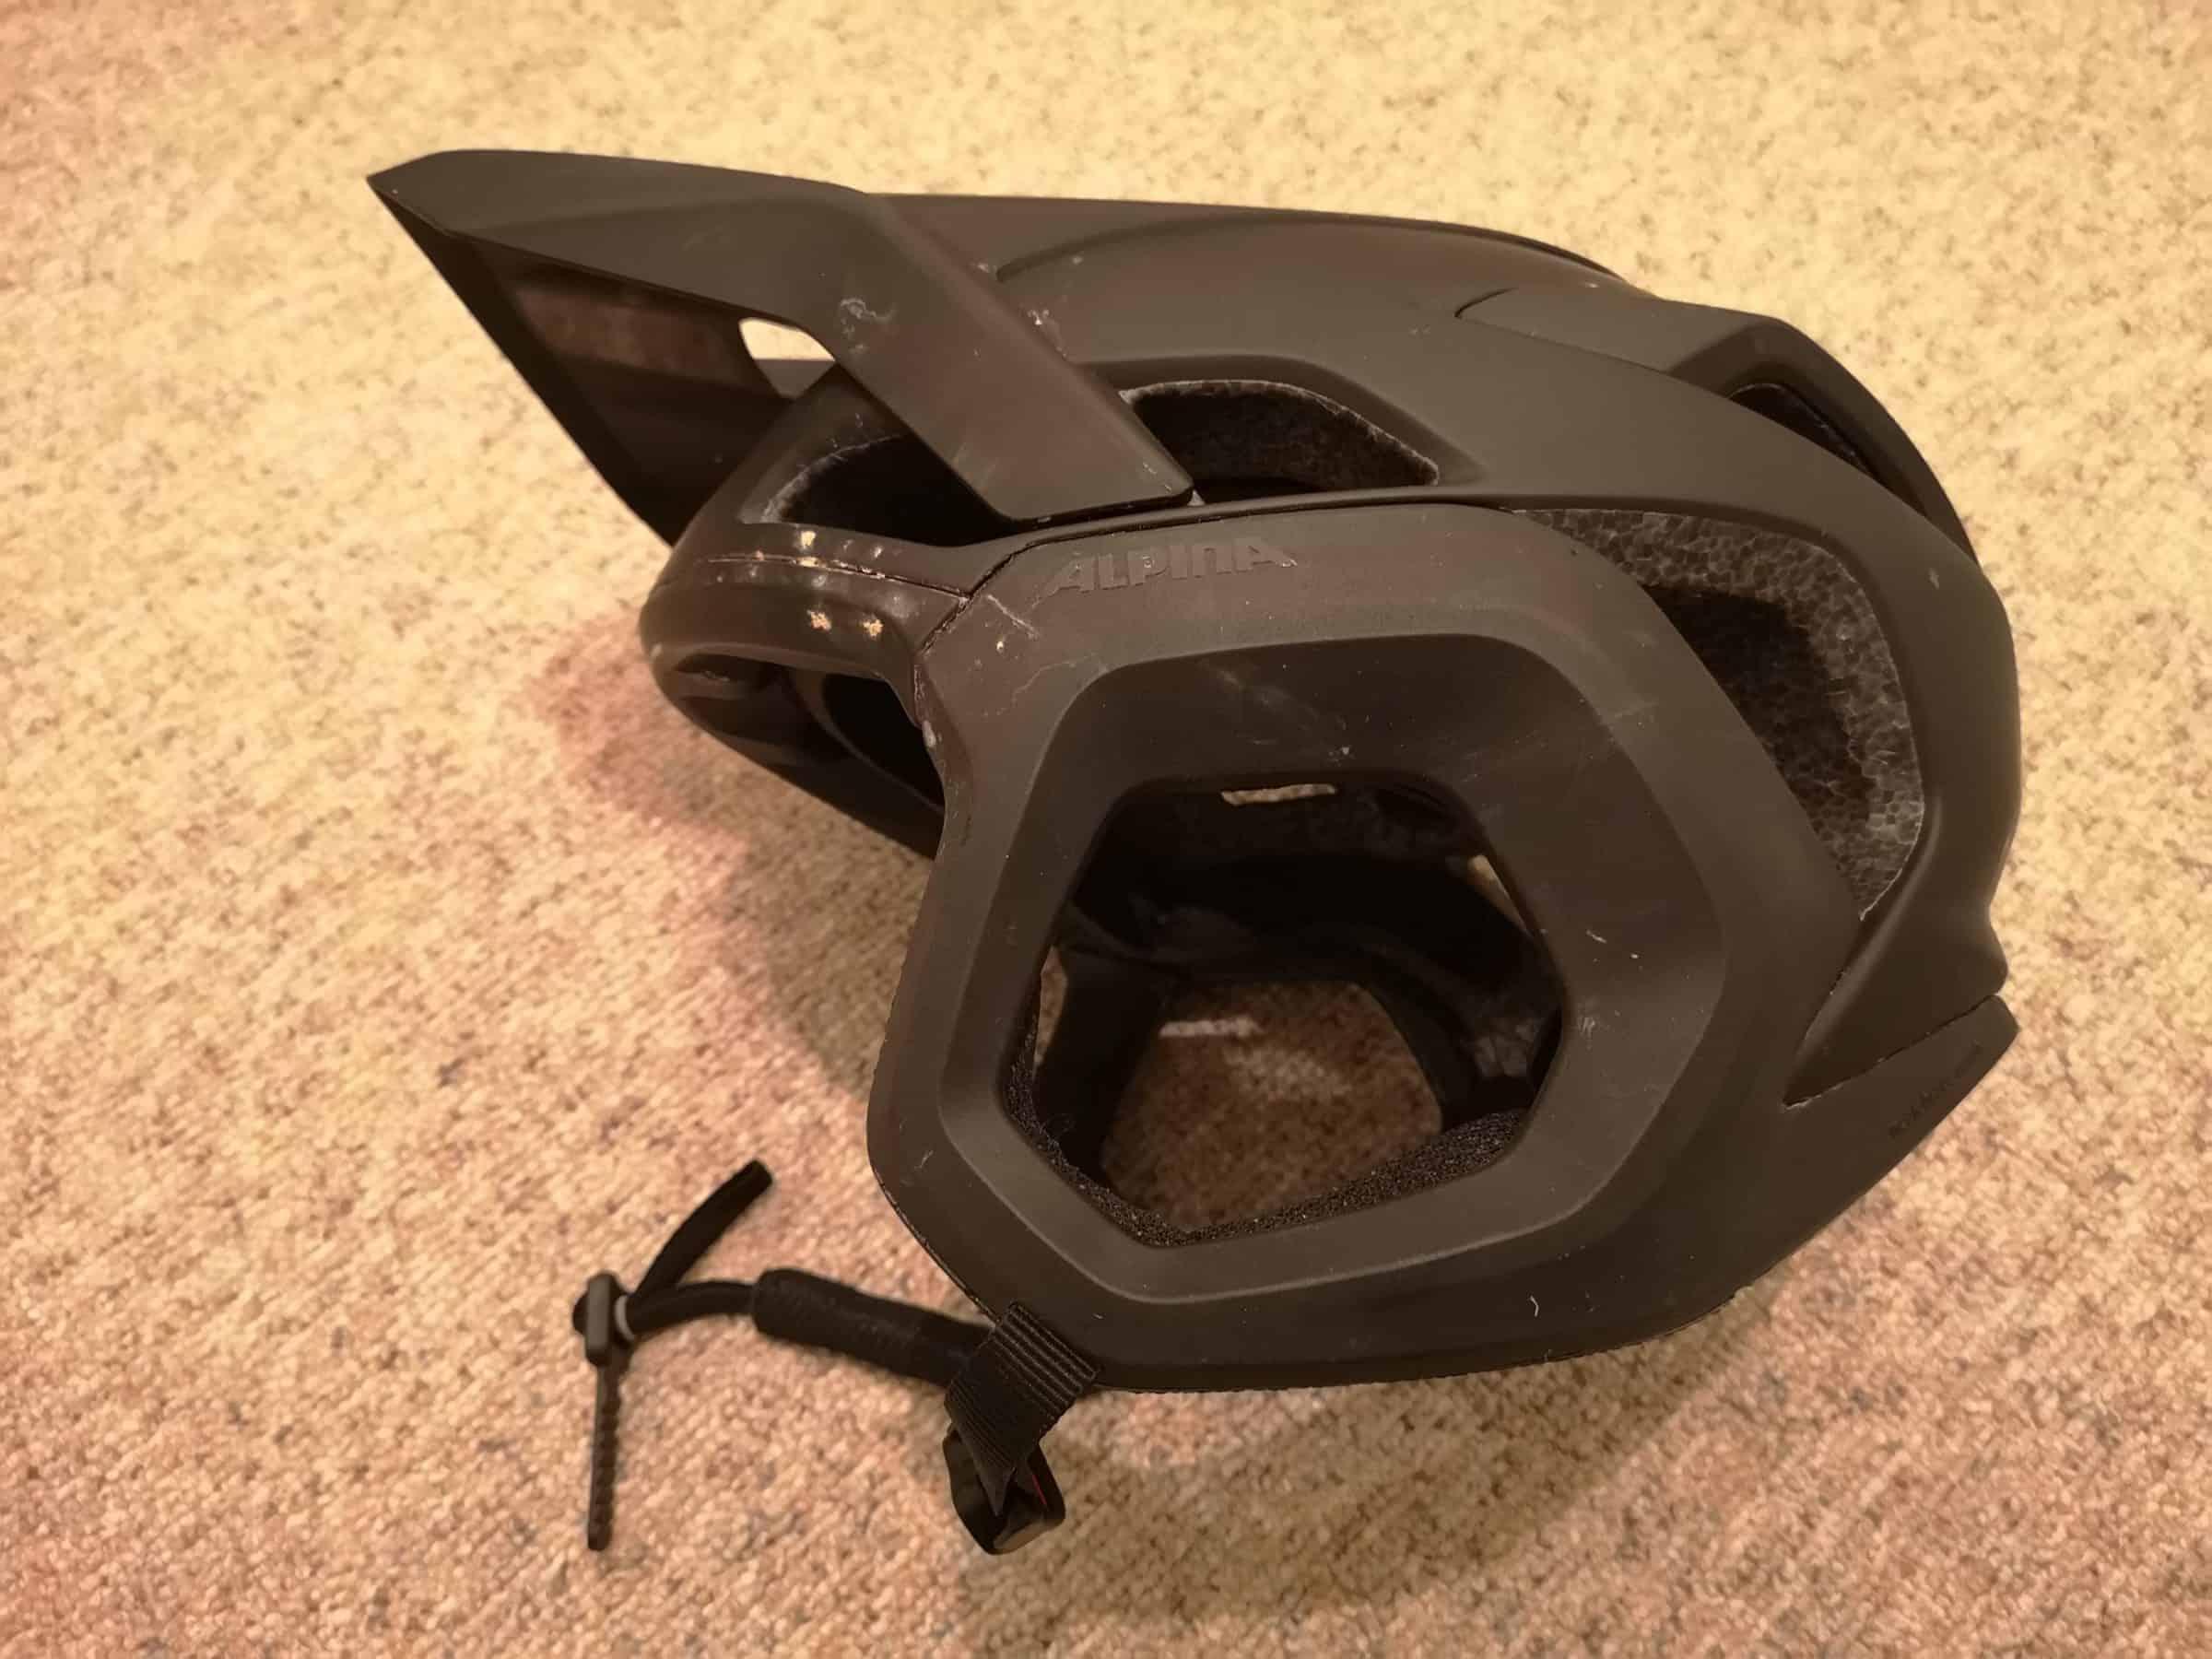 L'importante è pedalare comodi e protetti - casco